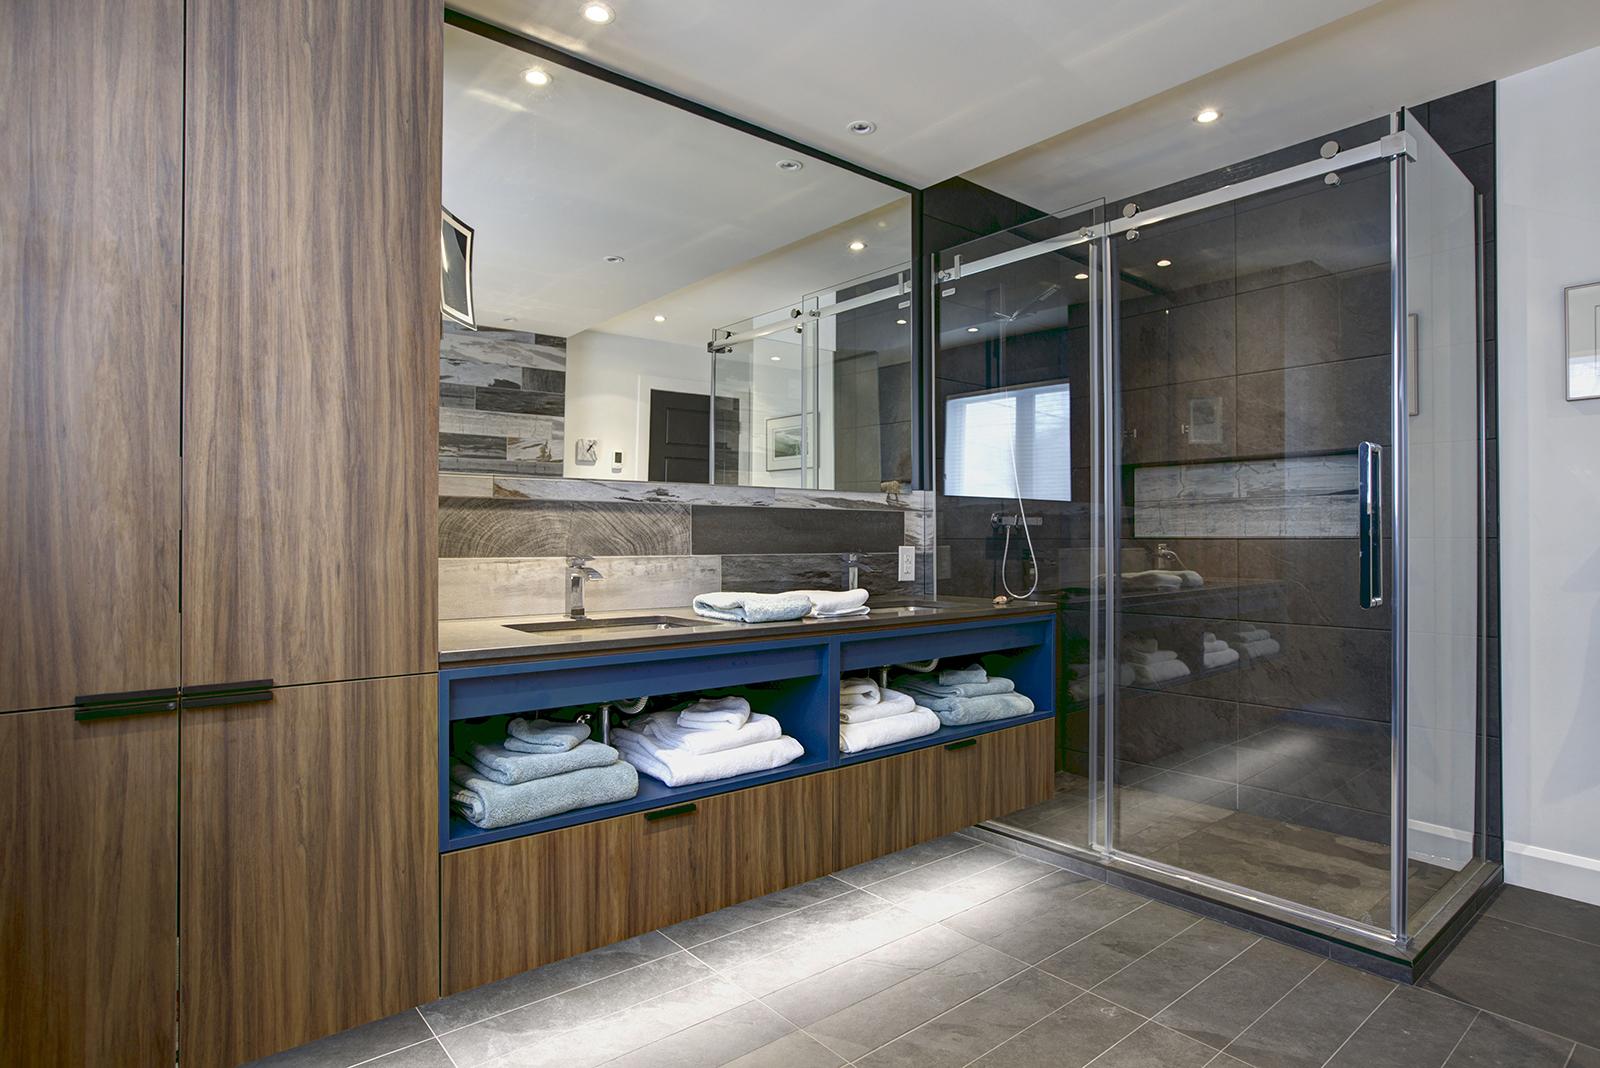 Salle de bain design bleue et bois québec